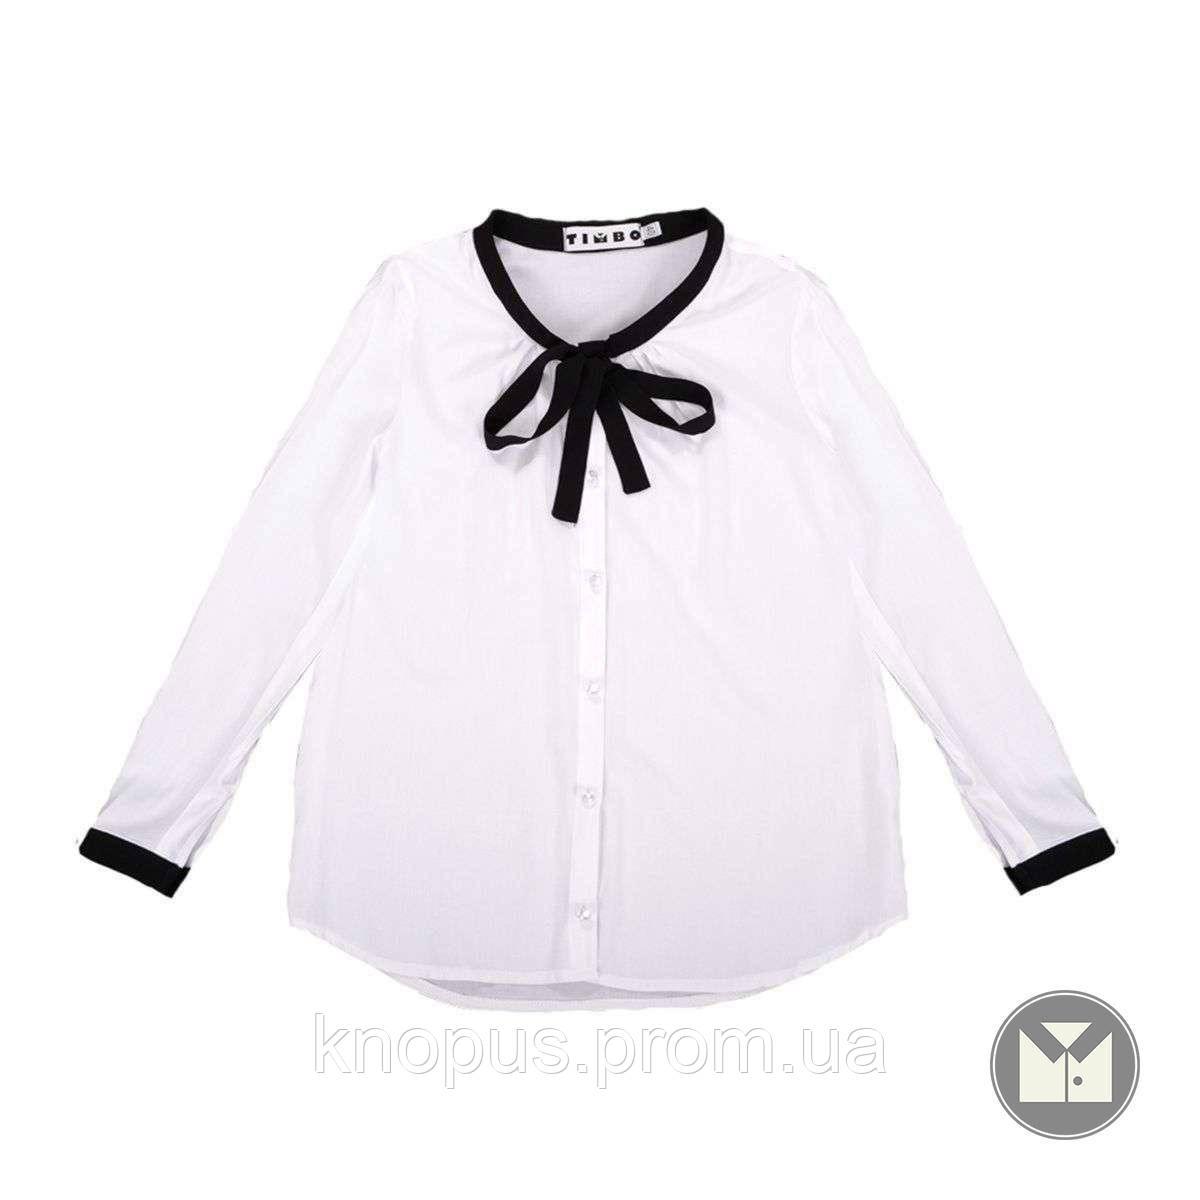 Блуза школьная Klara  (белая), Тимбо, размеры 122-152.